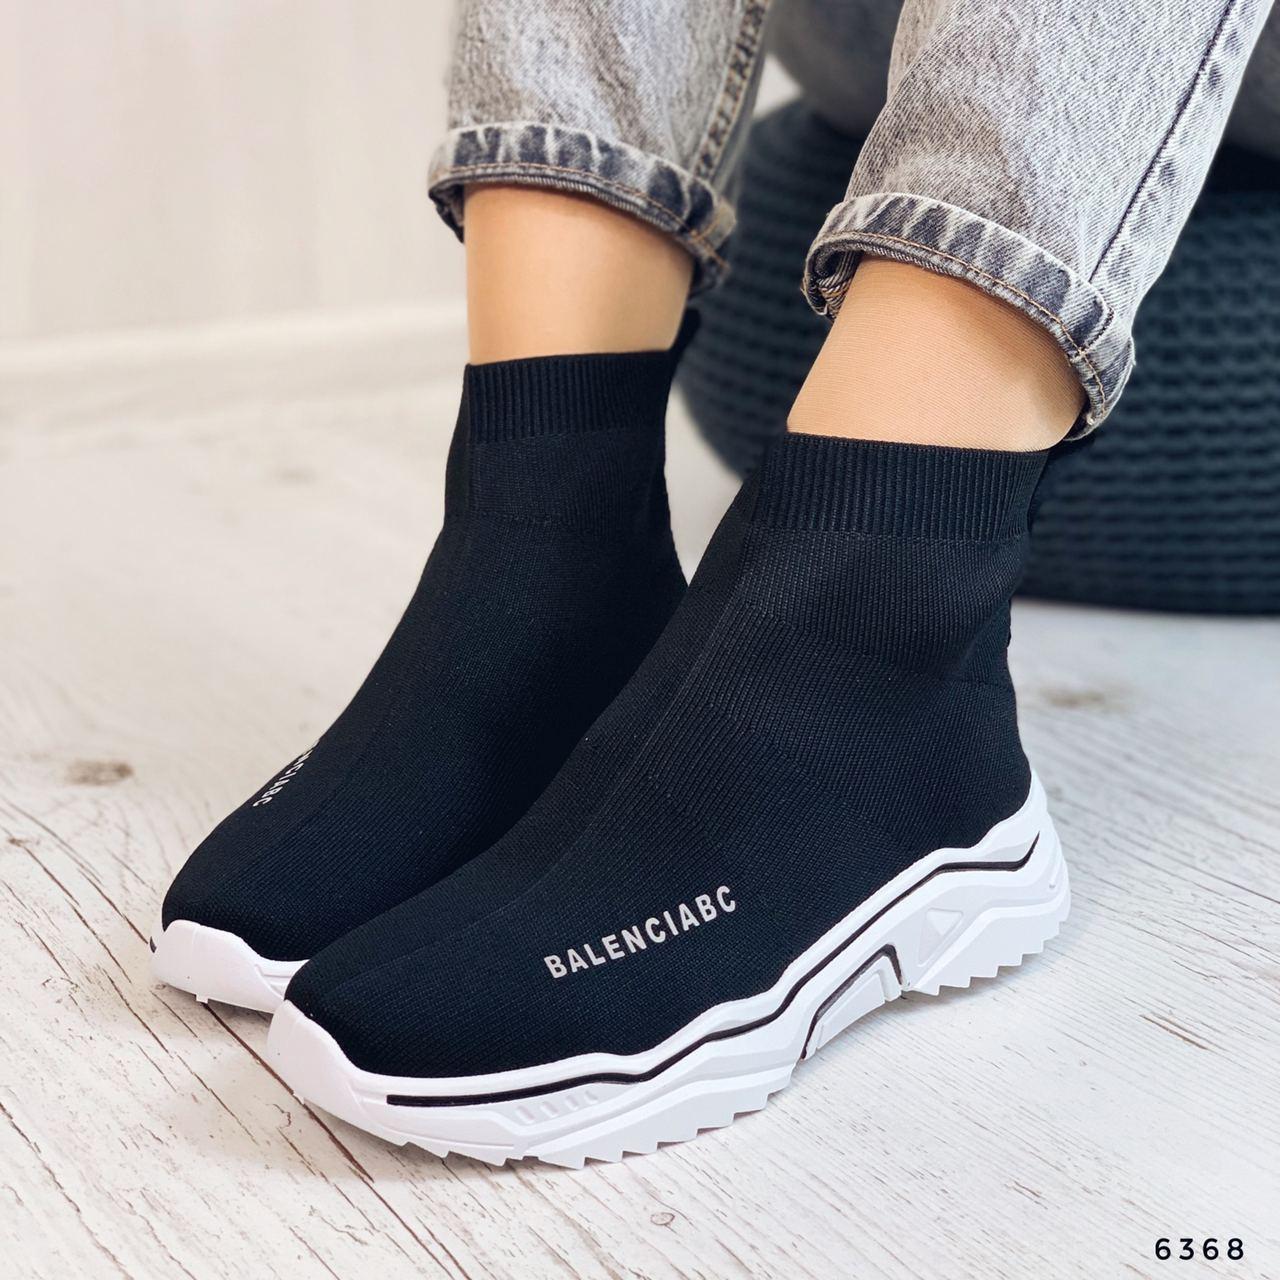 Кроссовки женские черные текстильные. Кросівки жіночі чорні